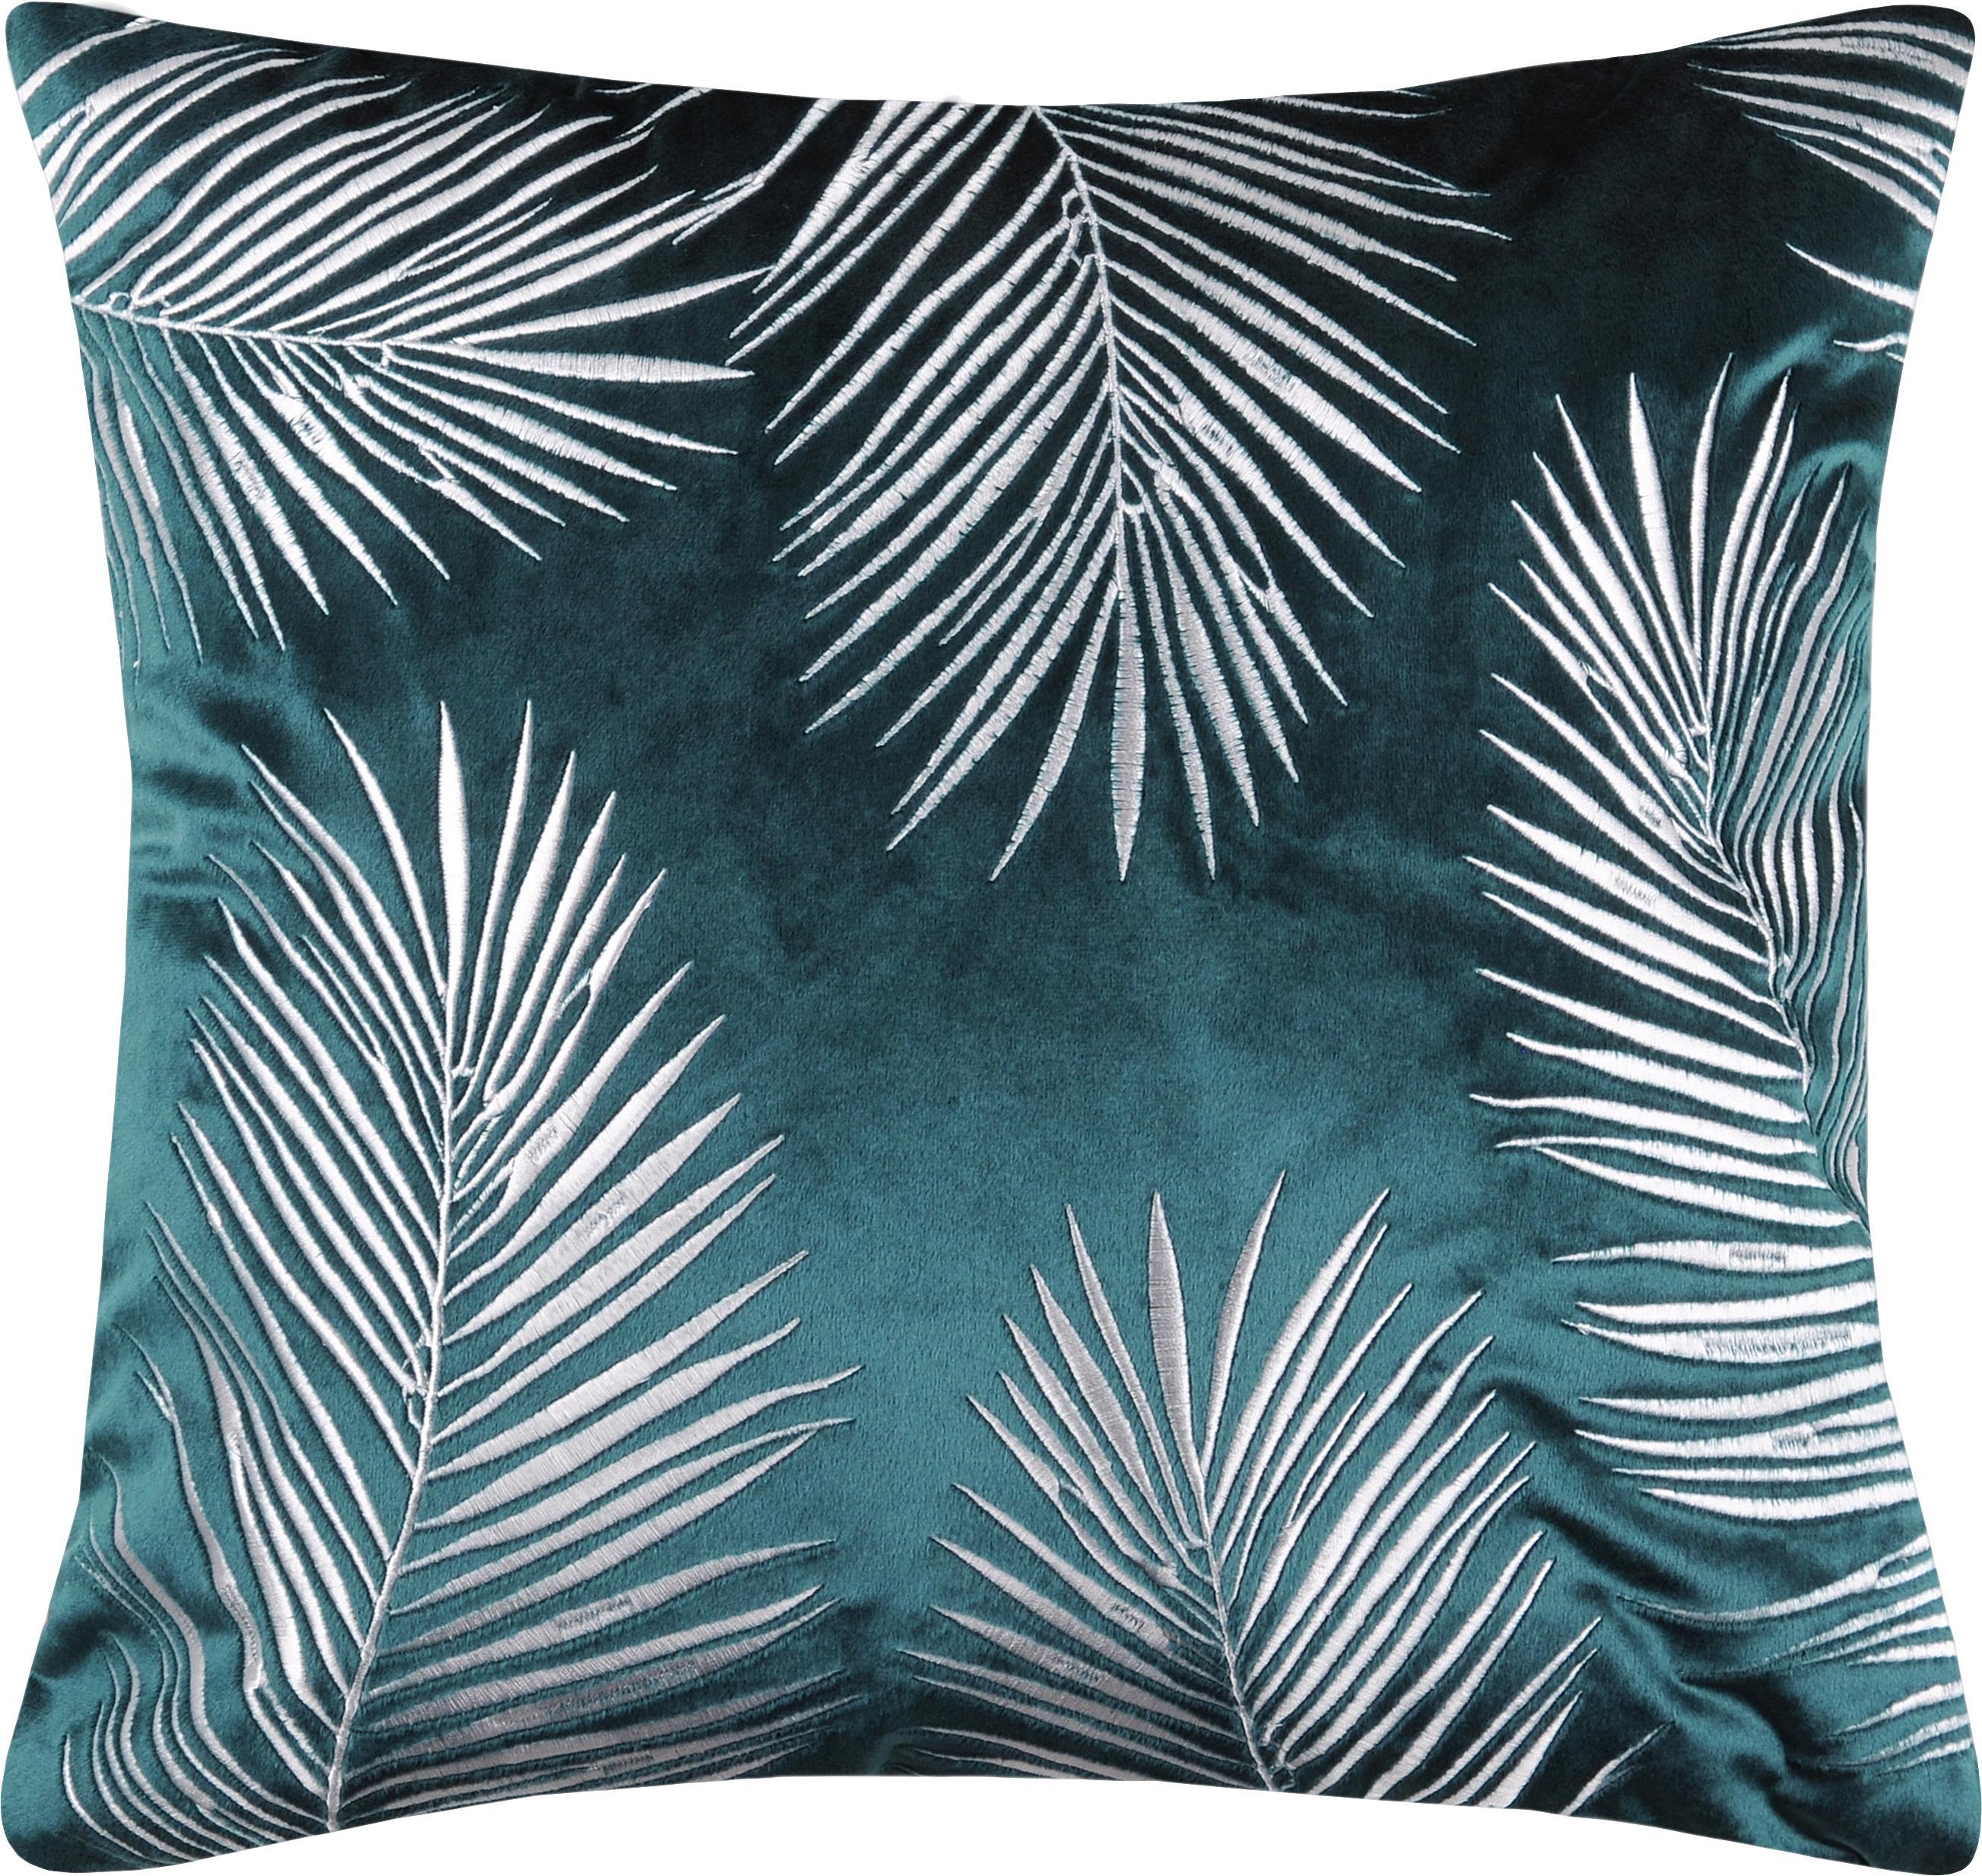 Fluwelen kussenhoes Ibarra met palmblad borduurwerk, Polyester, Petrol, wit, 45 x 45 cm